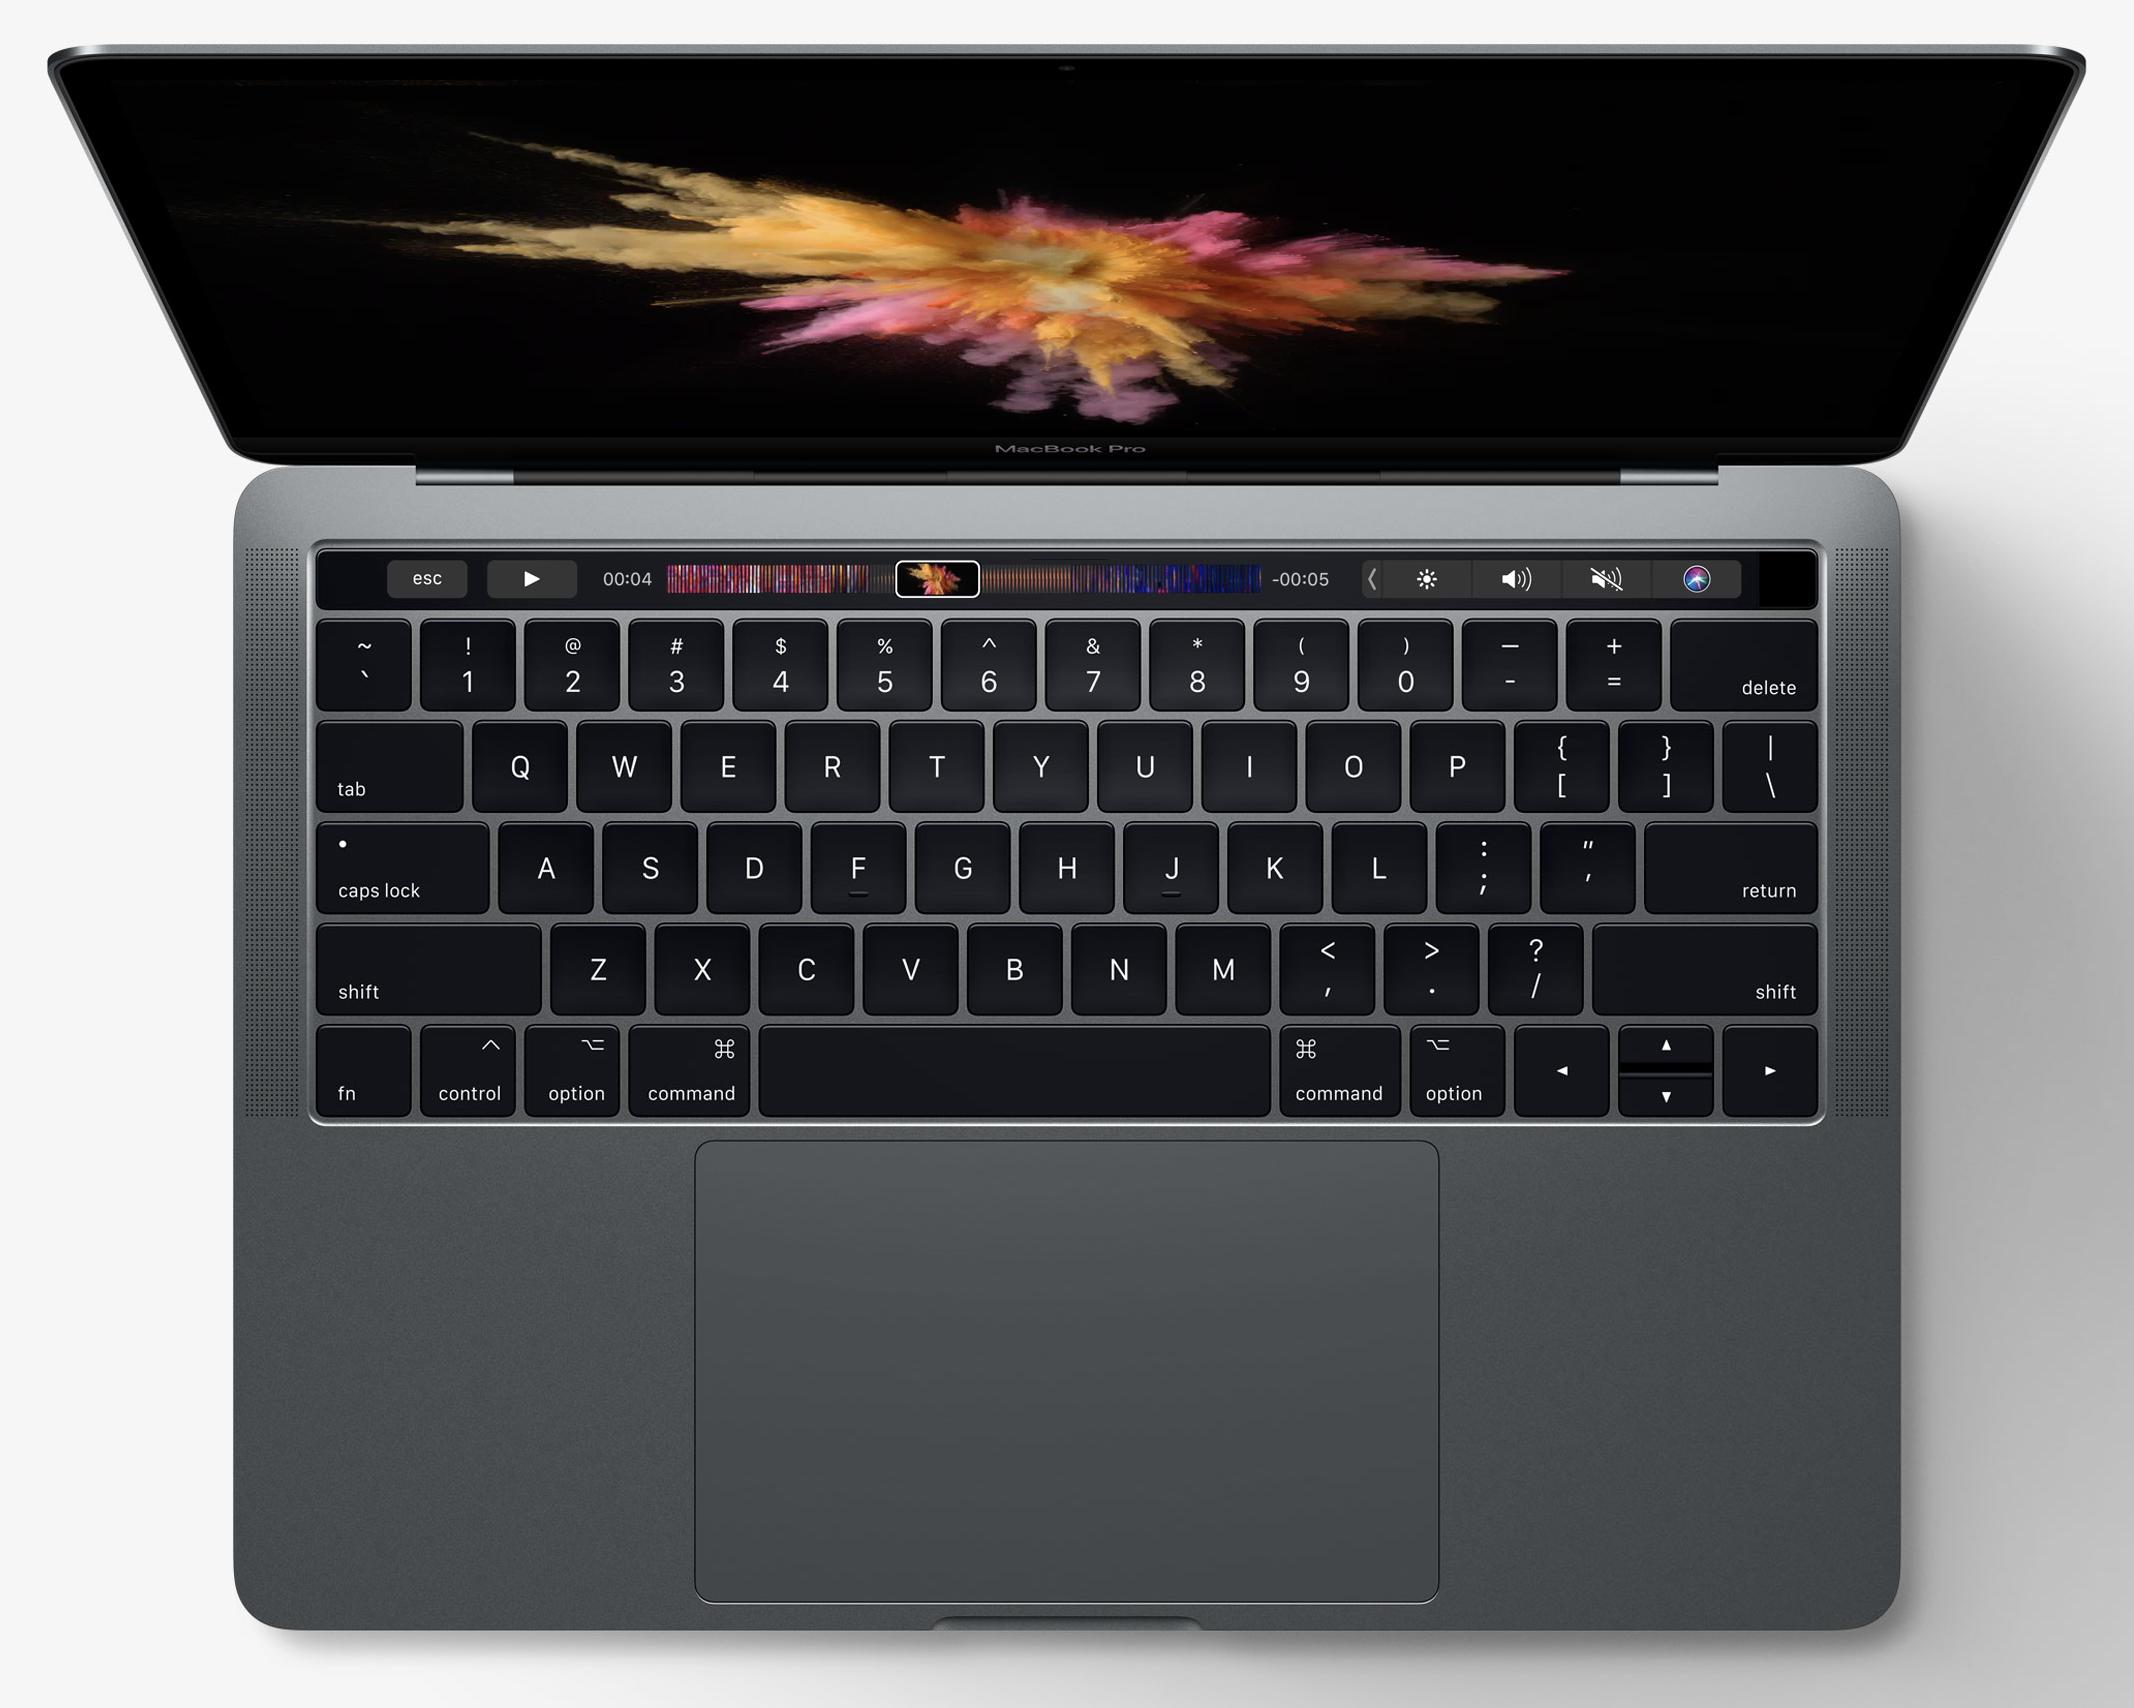 Come faccio a collegare la mia tastiera Belkin al mio iPad